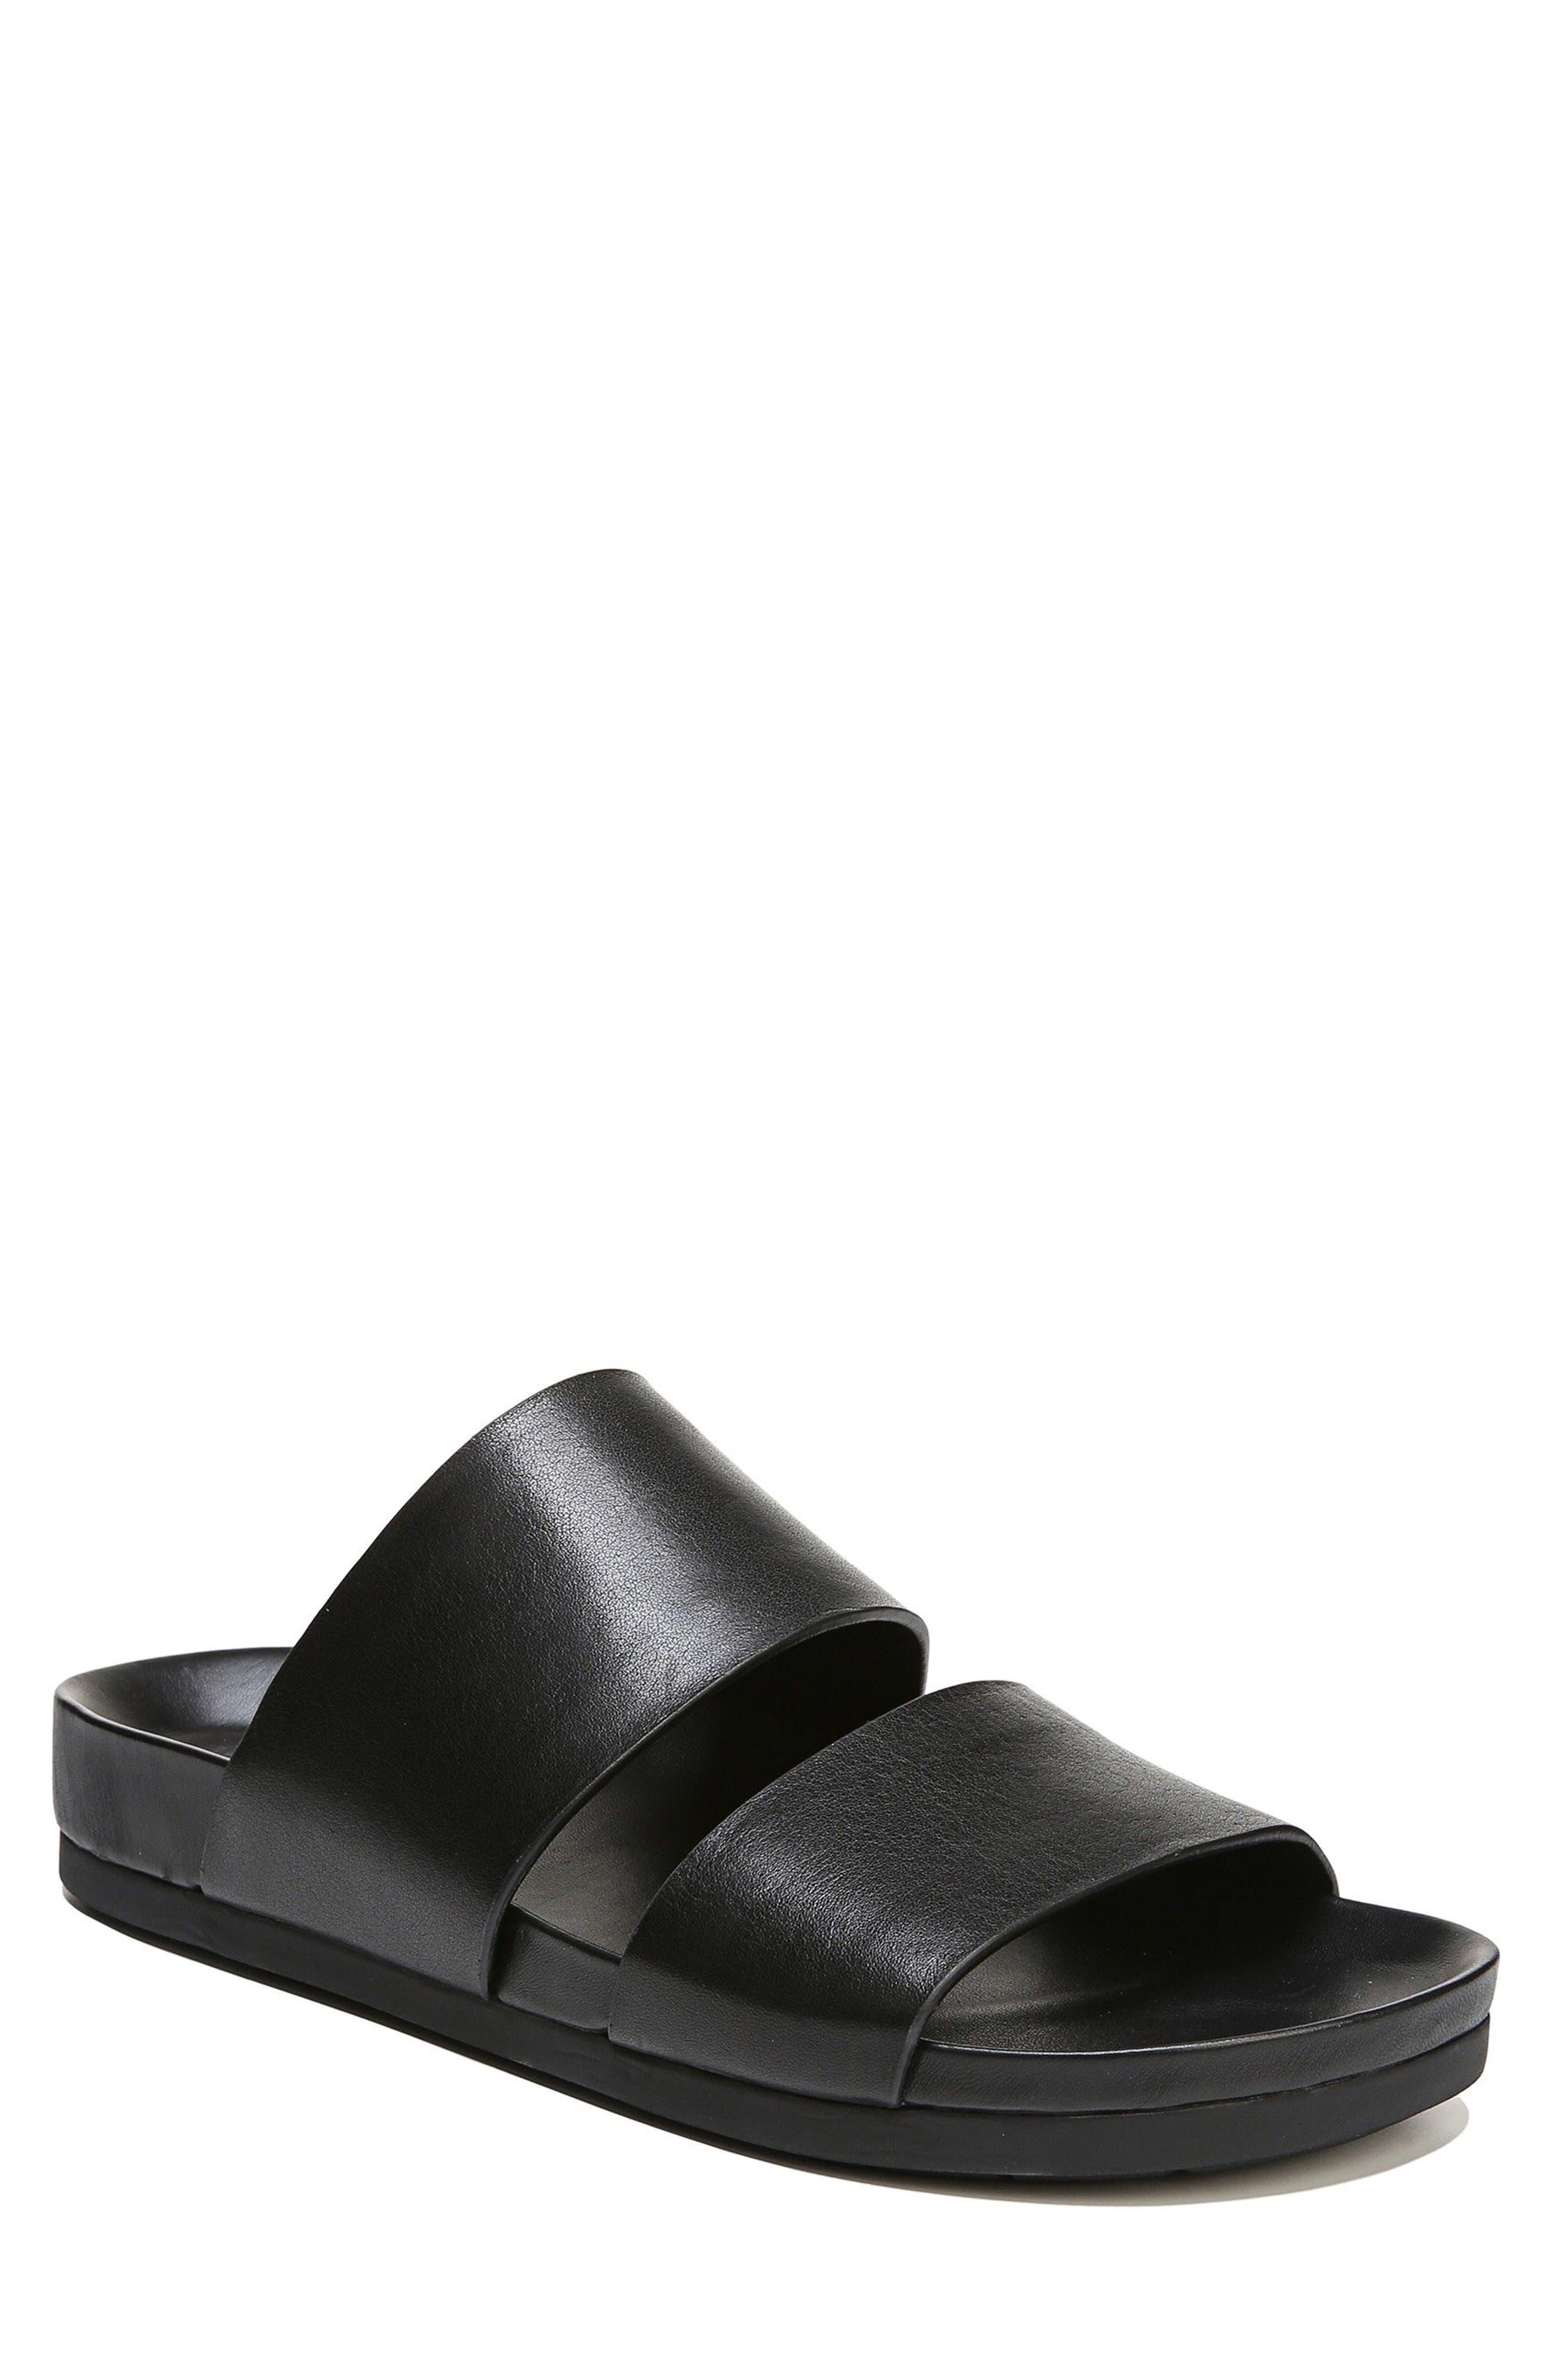 Malibu Slide Sandal,                             Main thumbnail 1, color,                             001